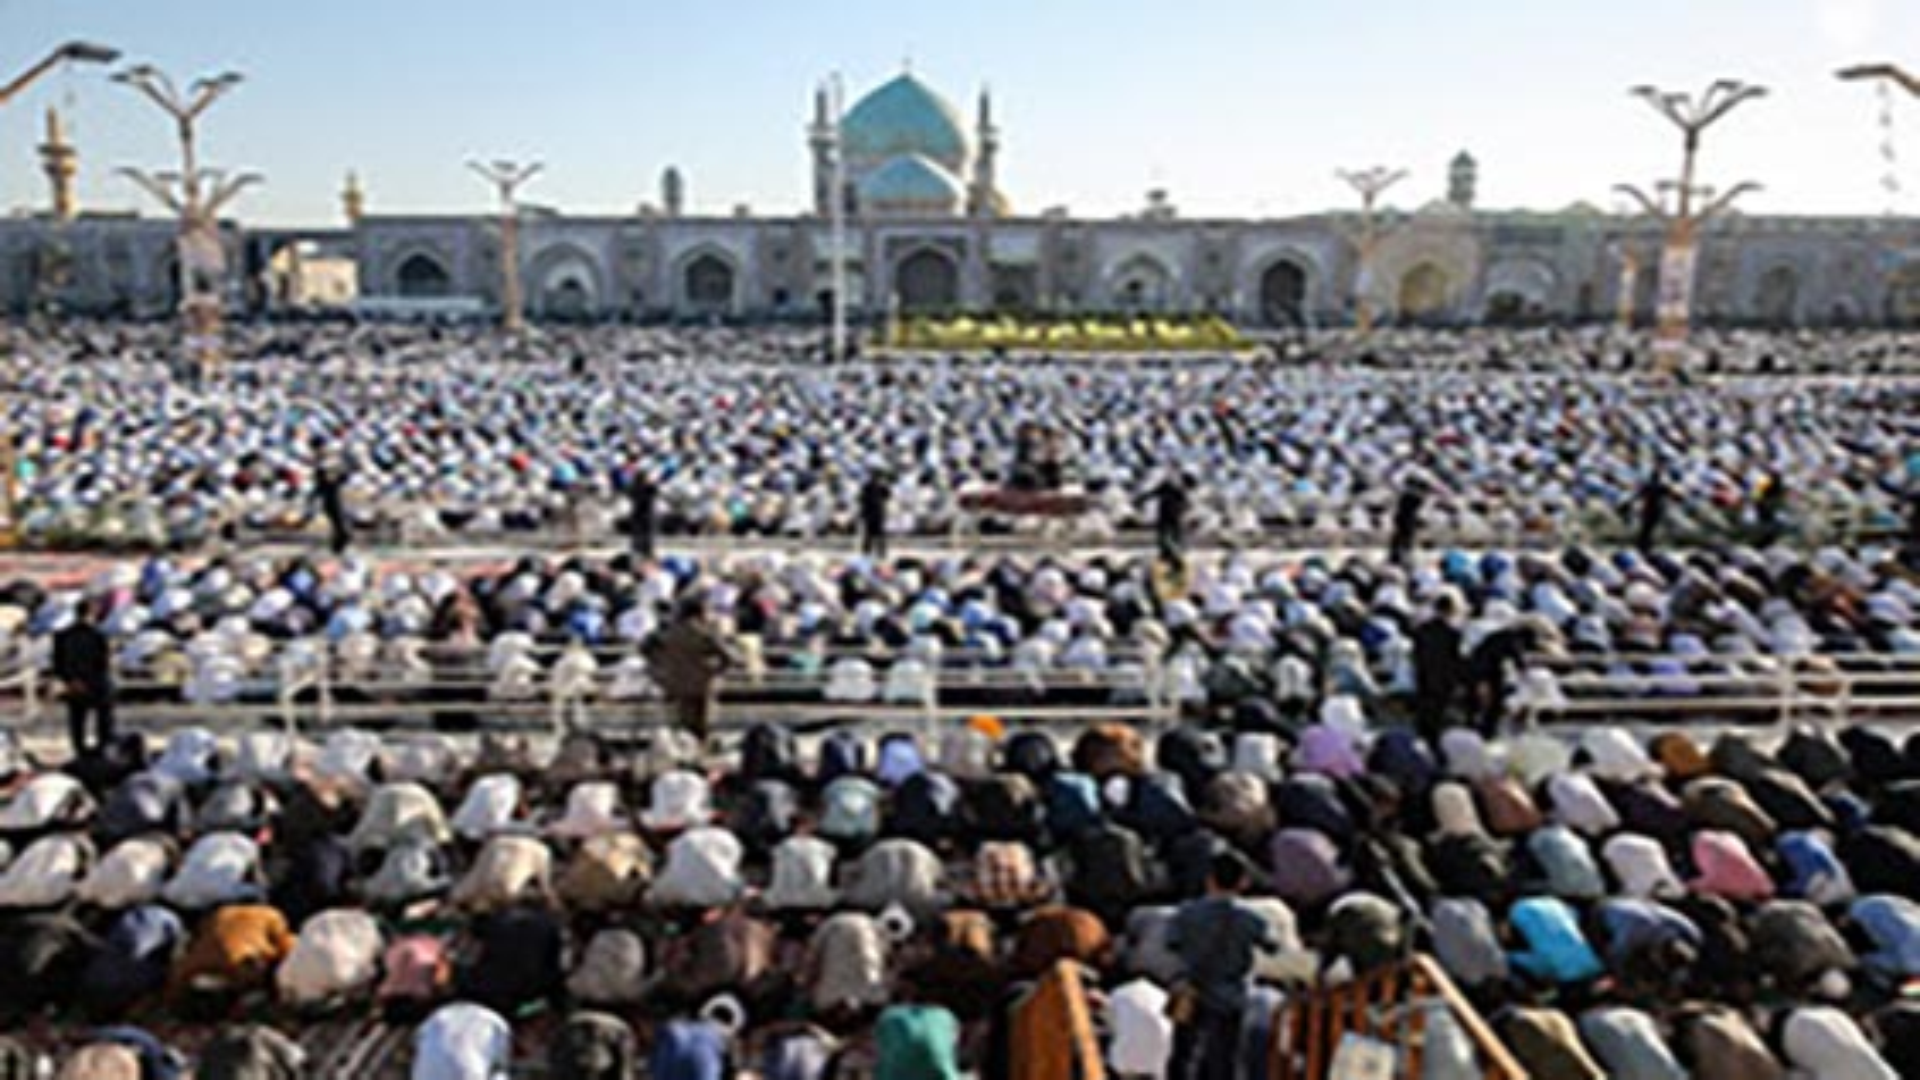 برگزاری نماز عید سعید قربان در سراسر ایران   فیلم